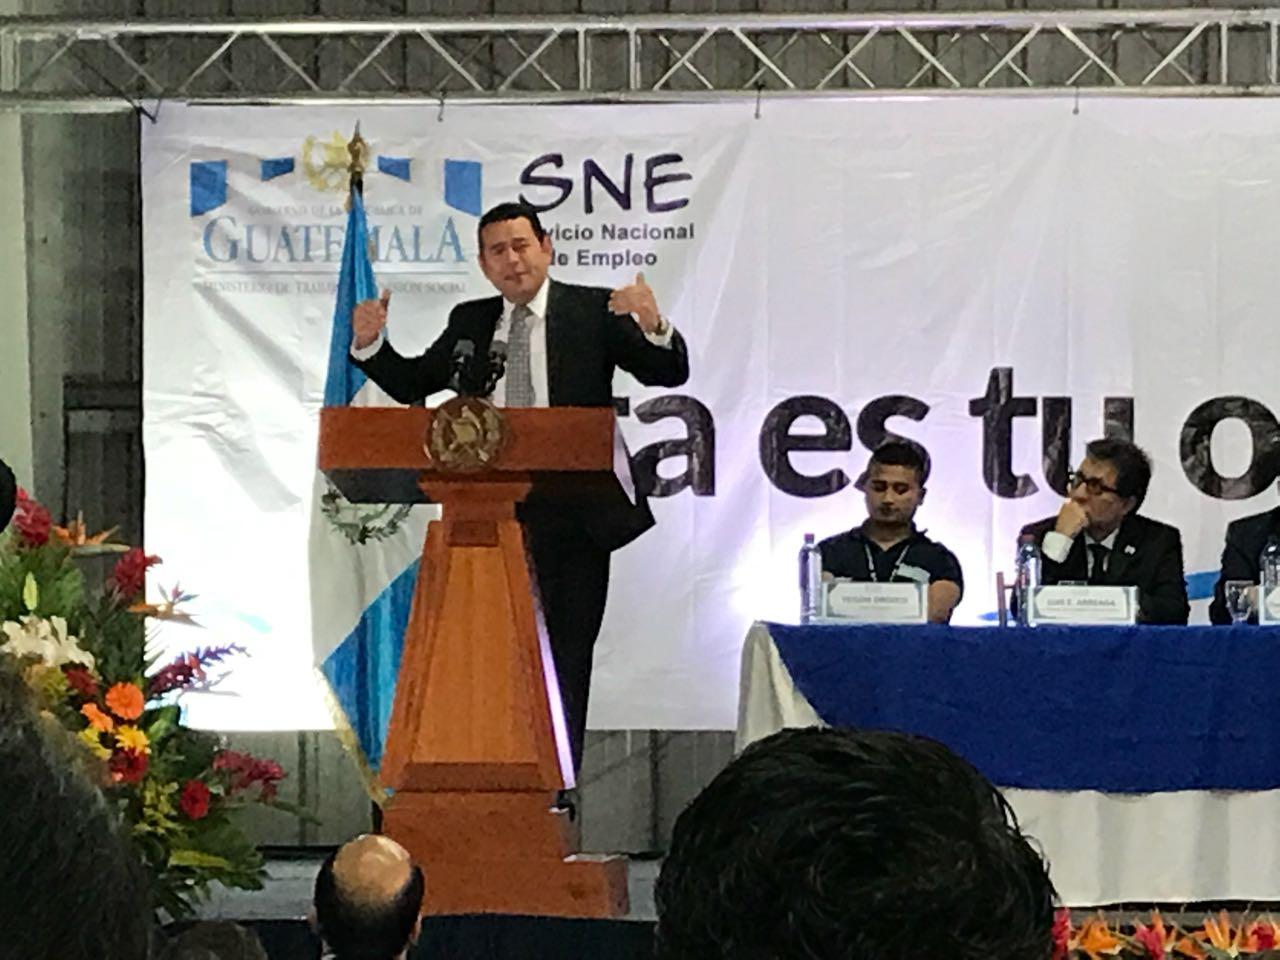 Presidente Jimmy Morales habla sobre justicia